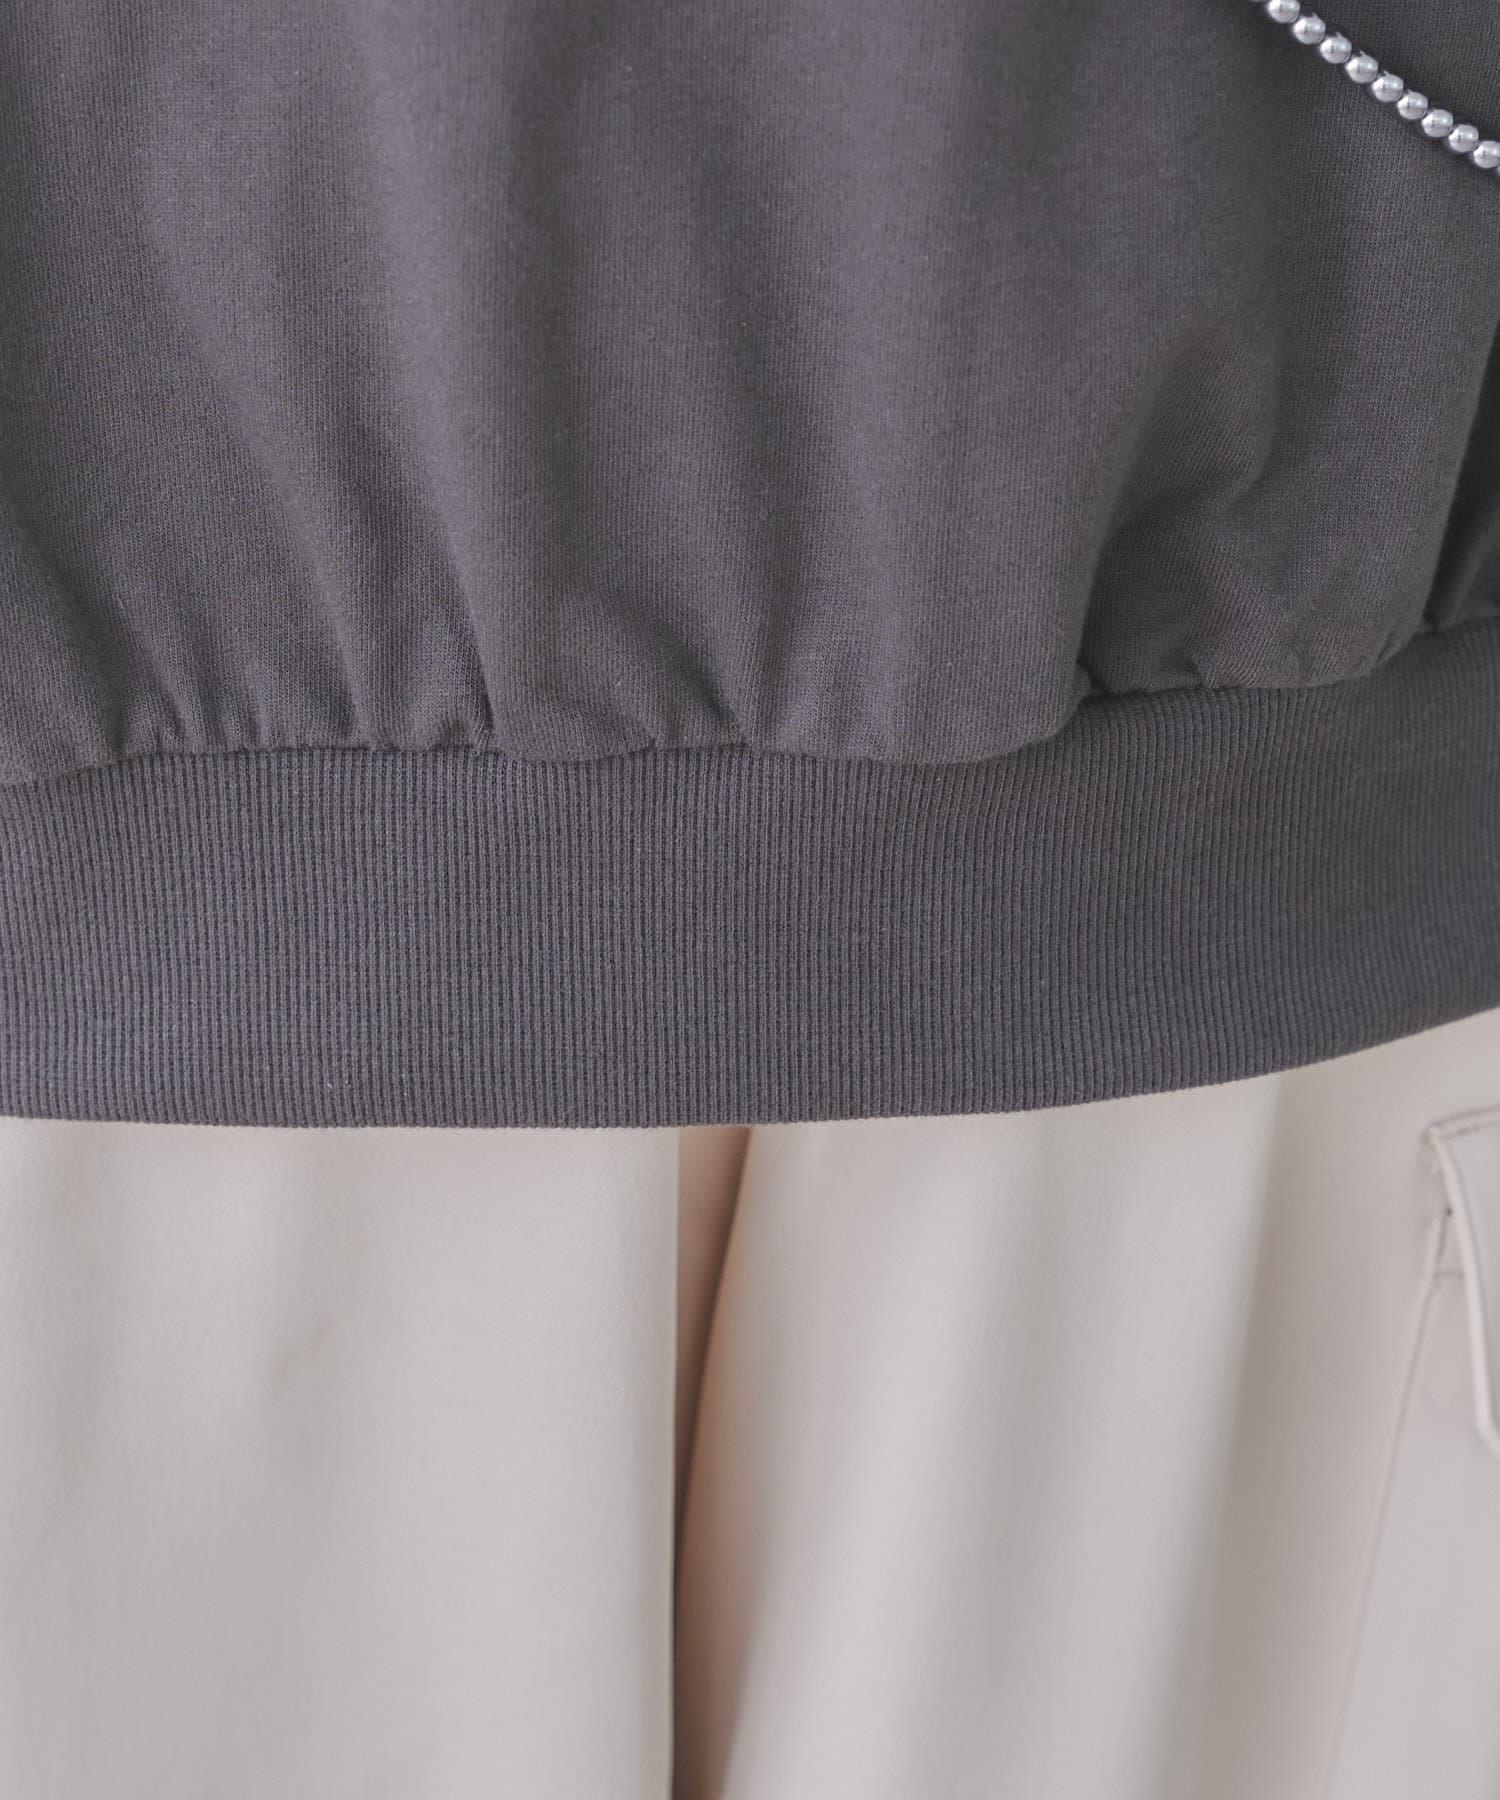 mona Belinda(モナ ベリンダ) 袖異素材切替フリルフォトプルオーバー